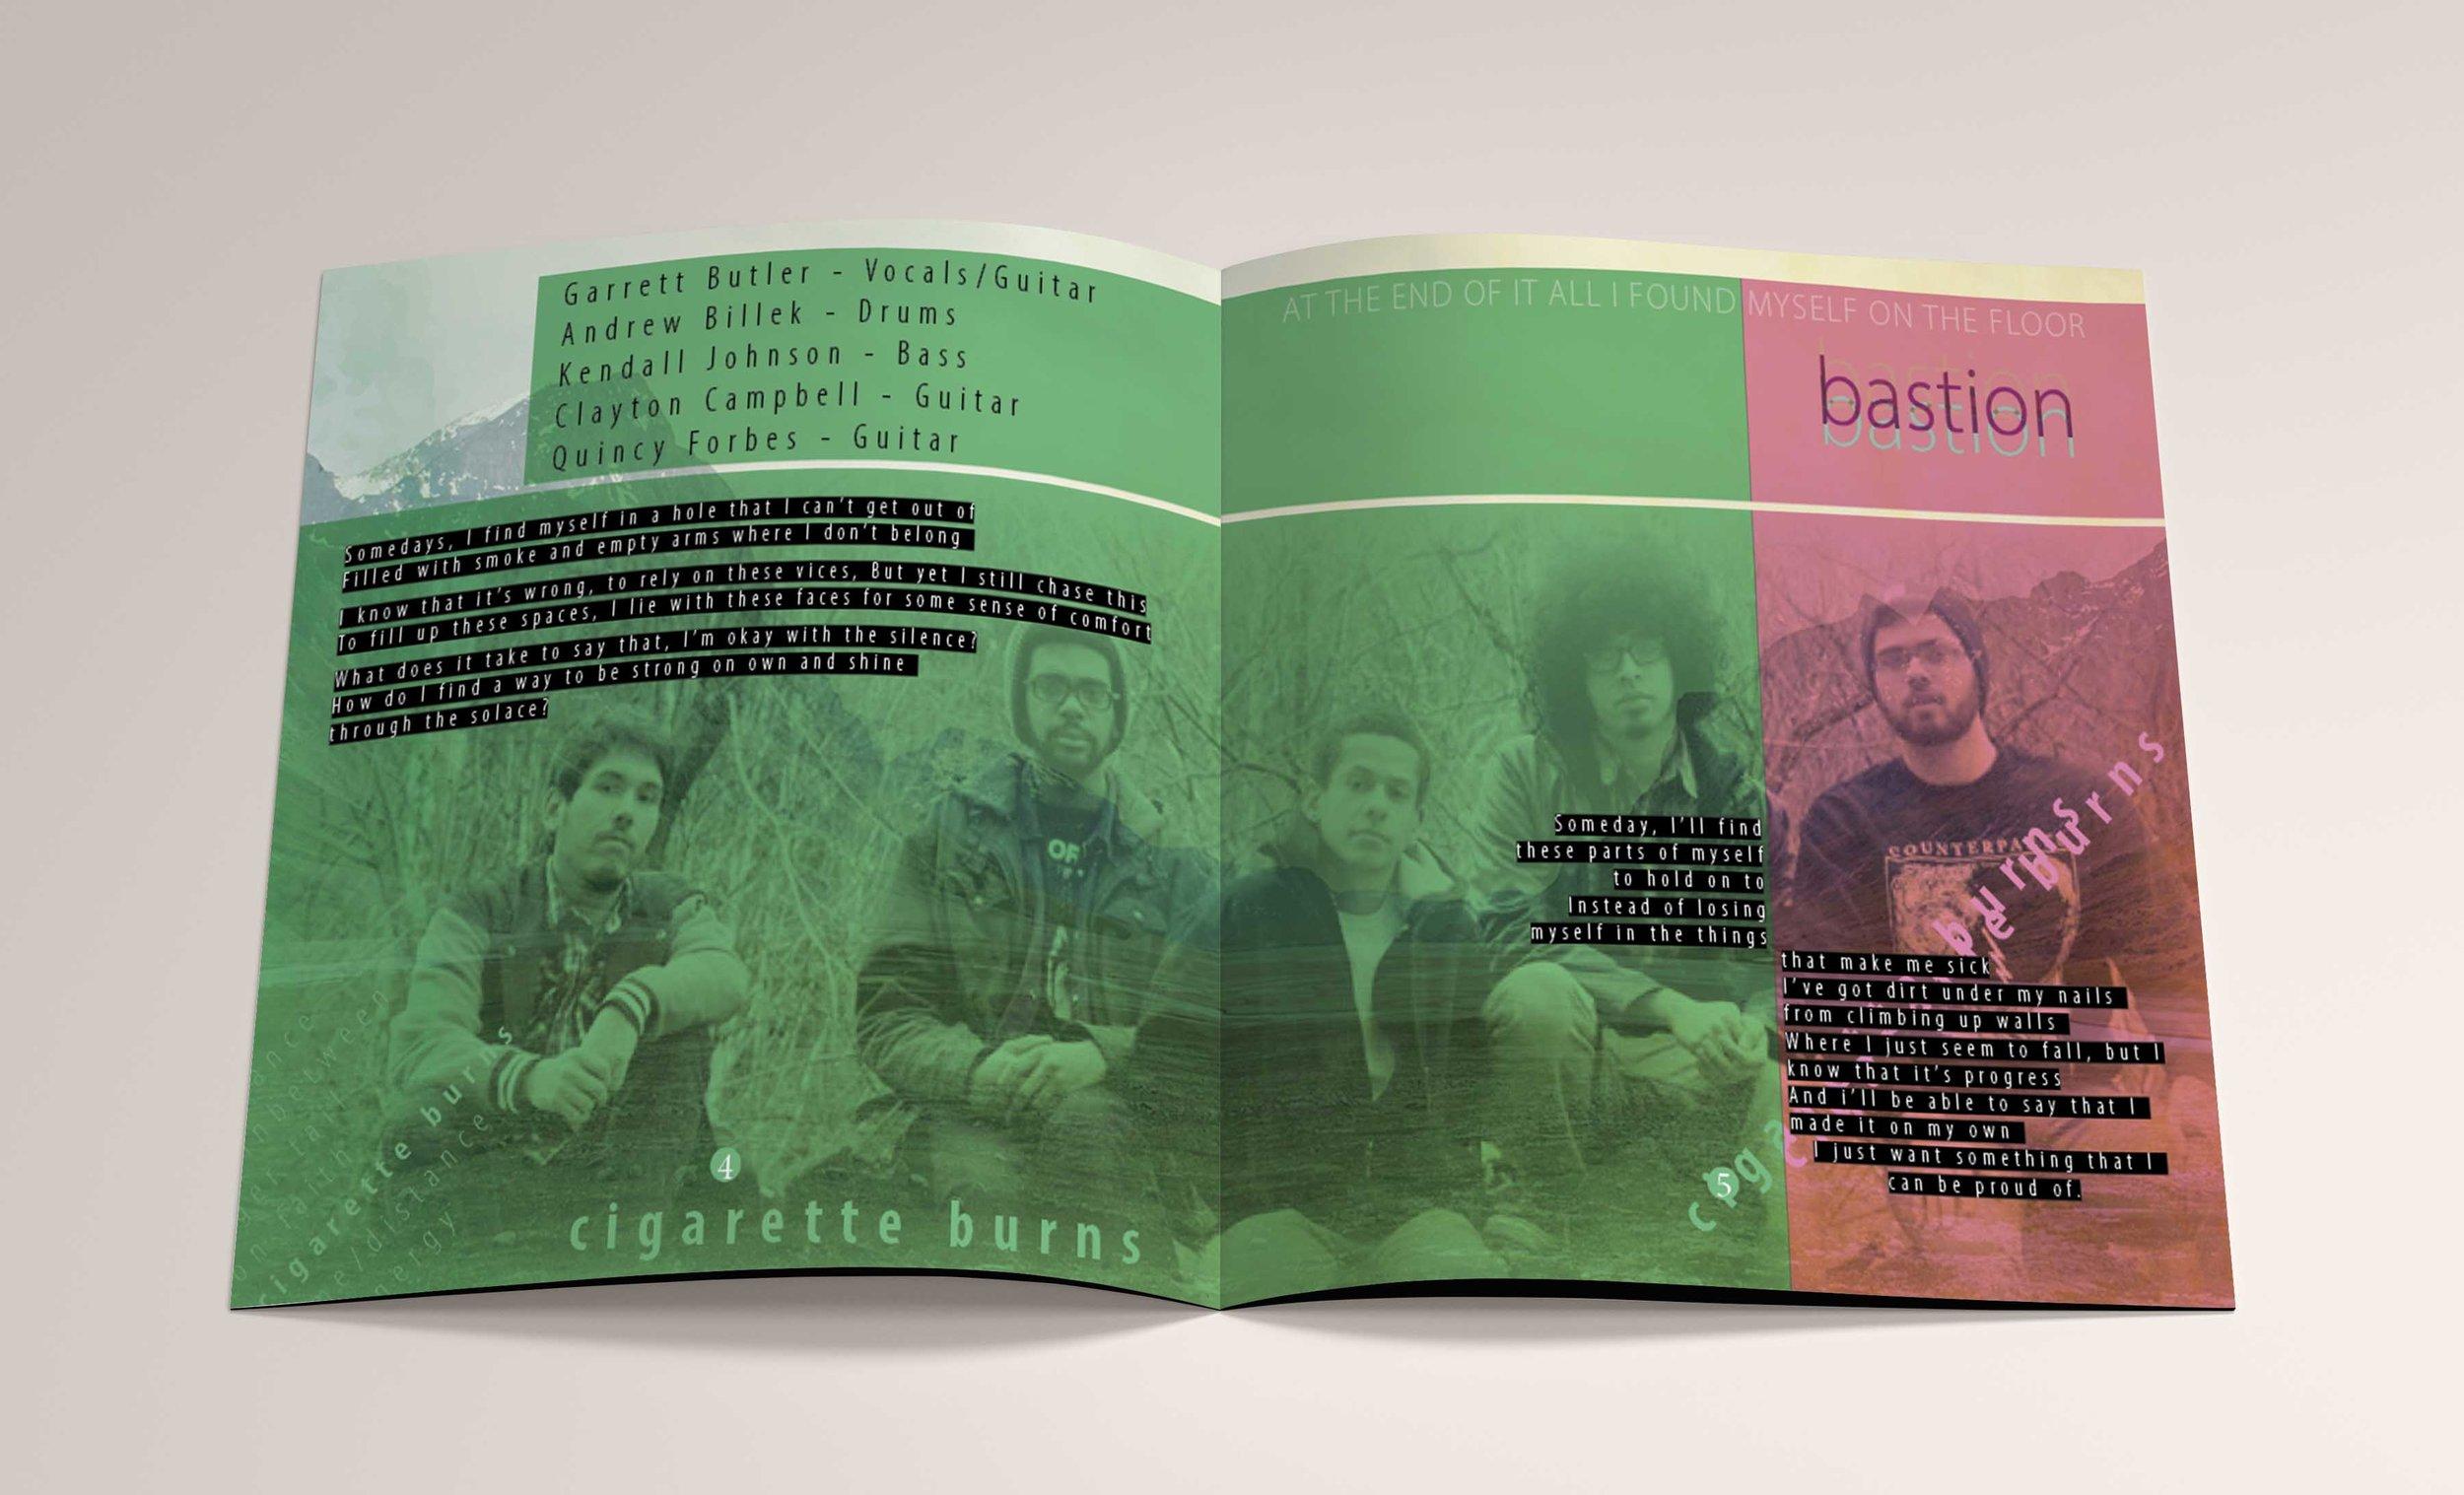 Bastion CD Booklet